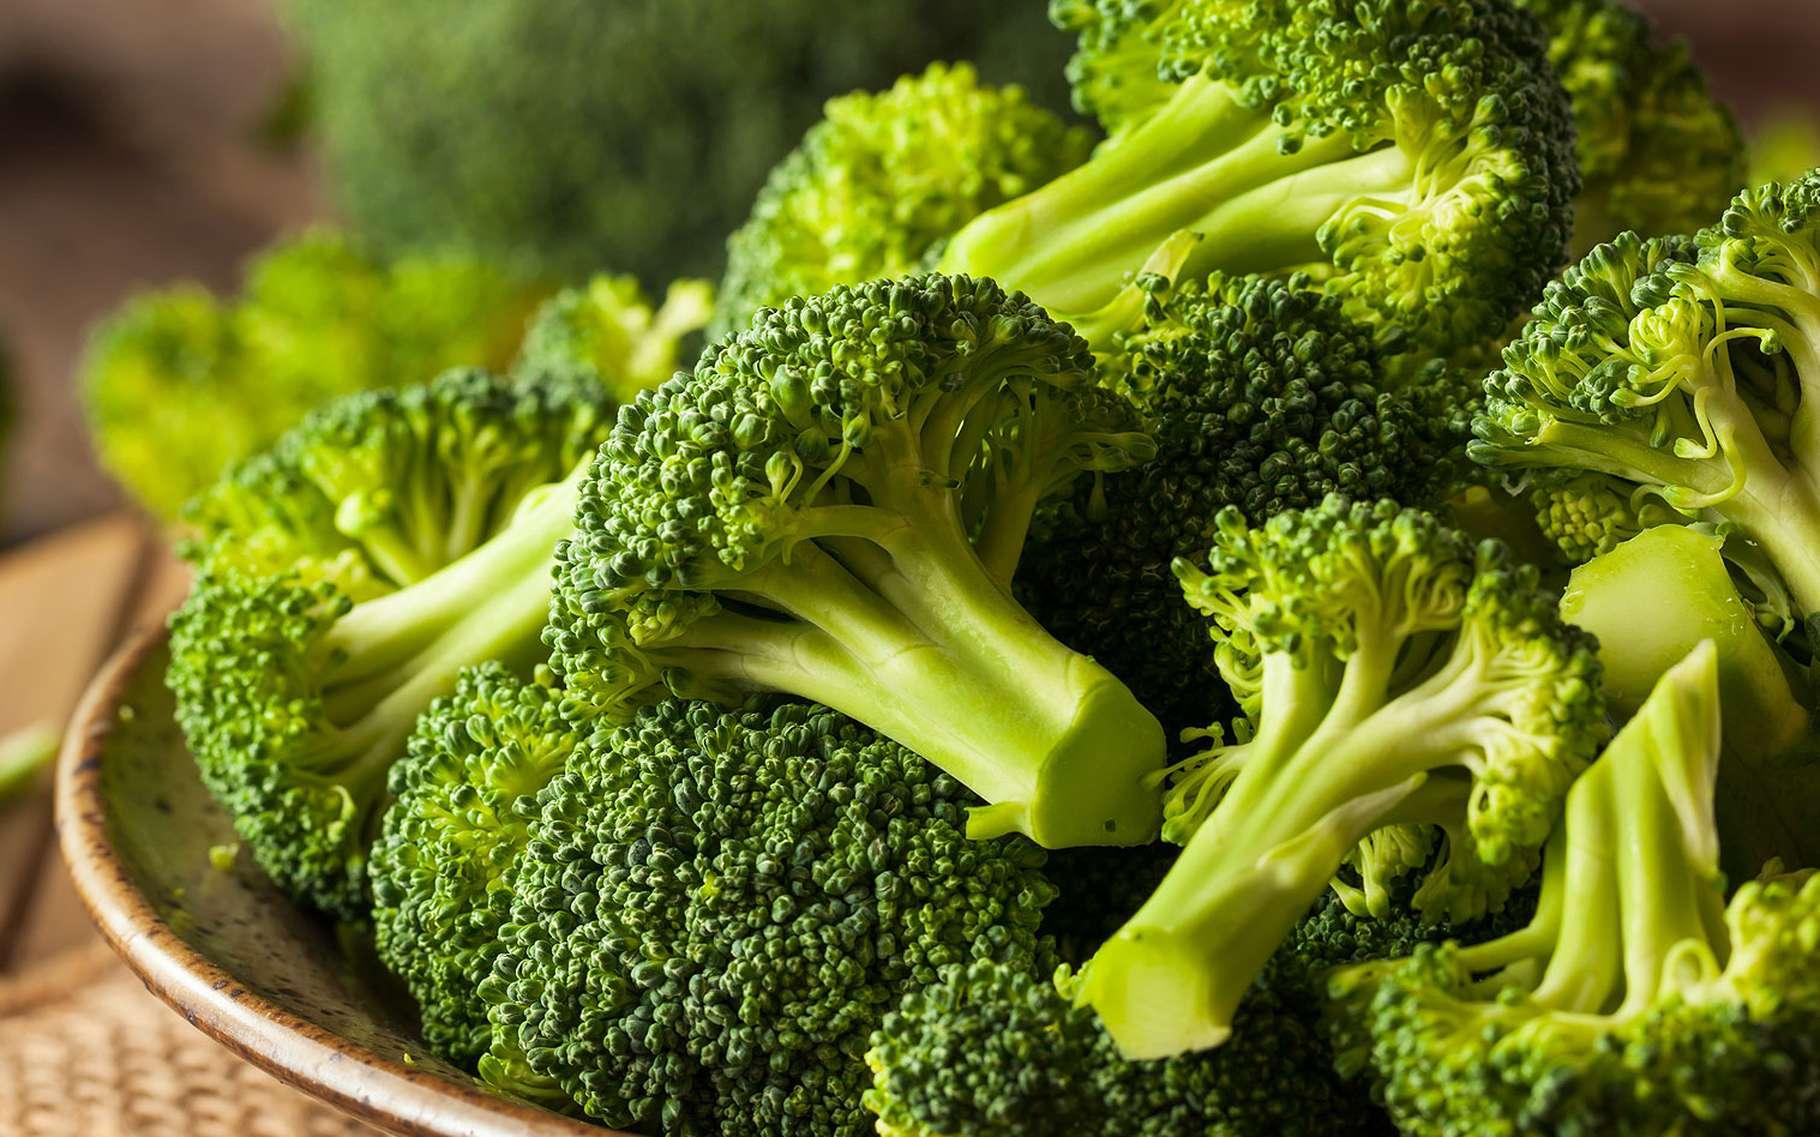 Le brocoli, une espèce de chou italienne | Dossier